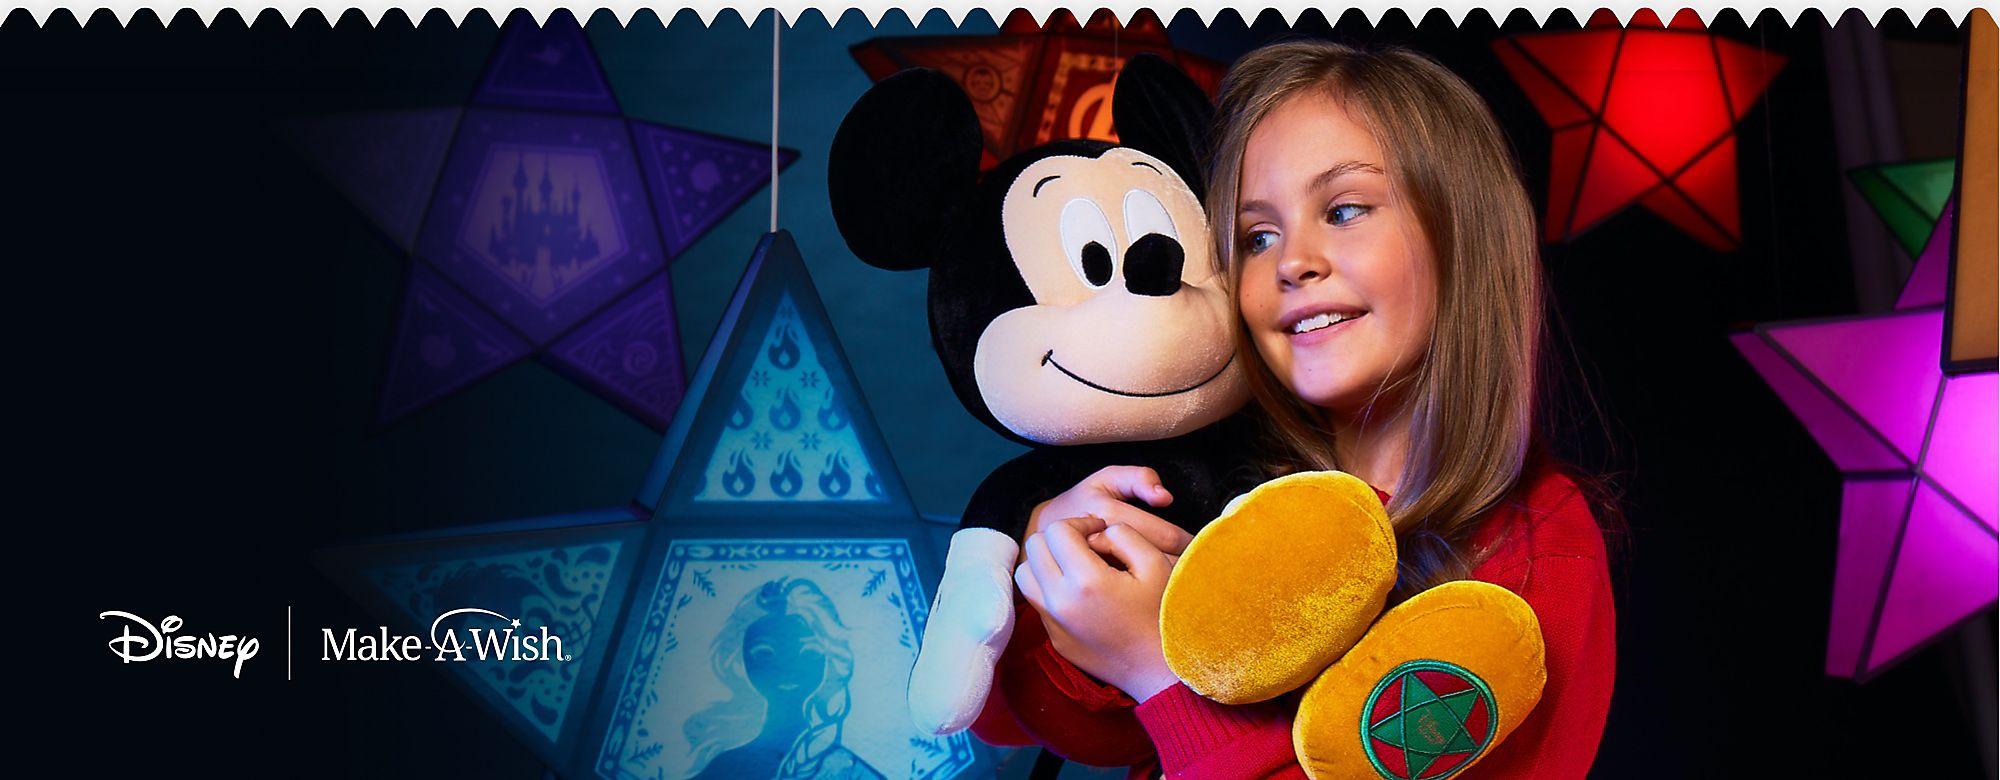 Peluche Mickey de Noël vintage Inspirée de la nouvelle publicité de Noël de Disney, notre peluche Noël vintage de Mickey est disponible à l'achat dès maintenant. Pour chaque peluche Mickey vendue, Disney Store reversera 25 % du prix de vente (hors taxes) à des associations Make-A-Wish.